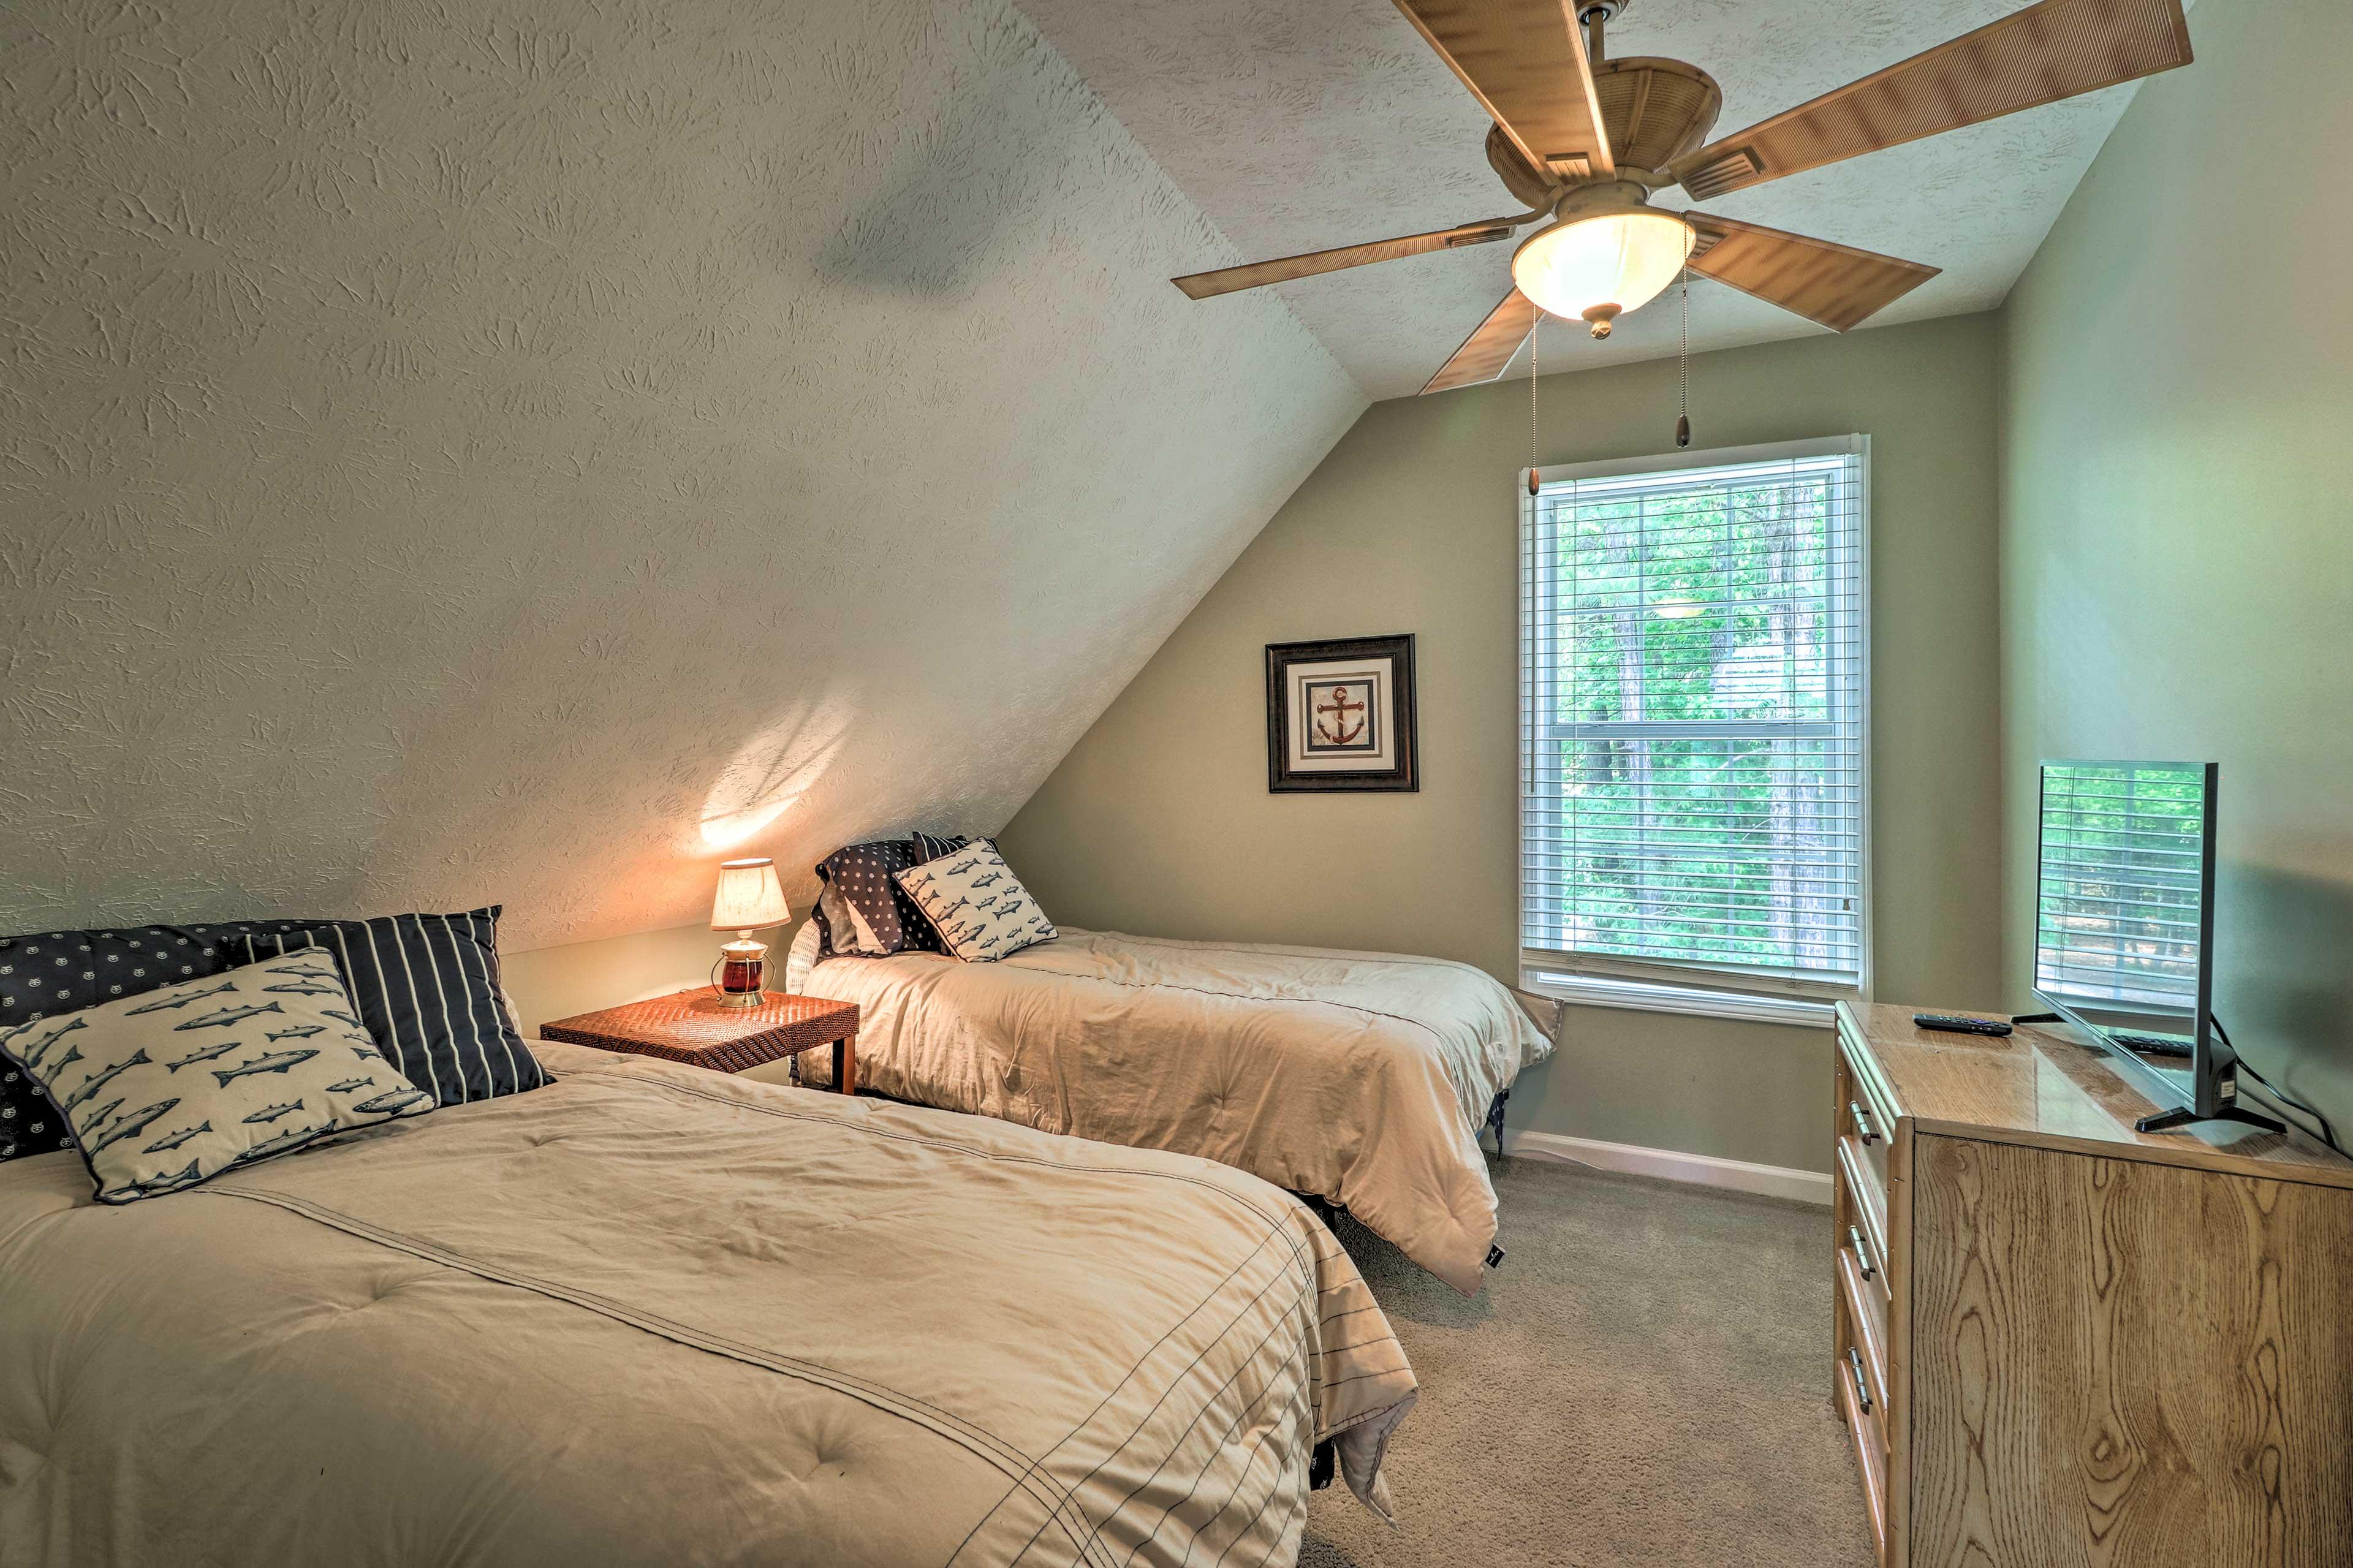 Bedroom 3 | 2 XL Twin Beds